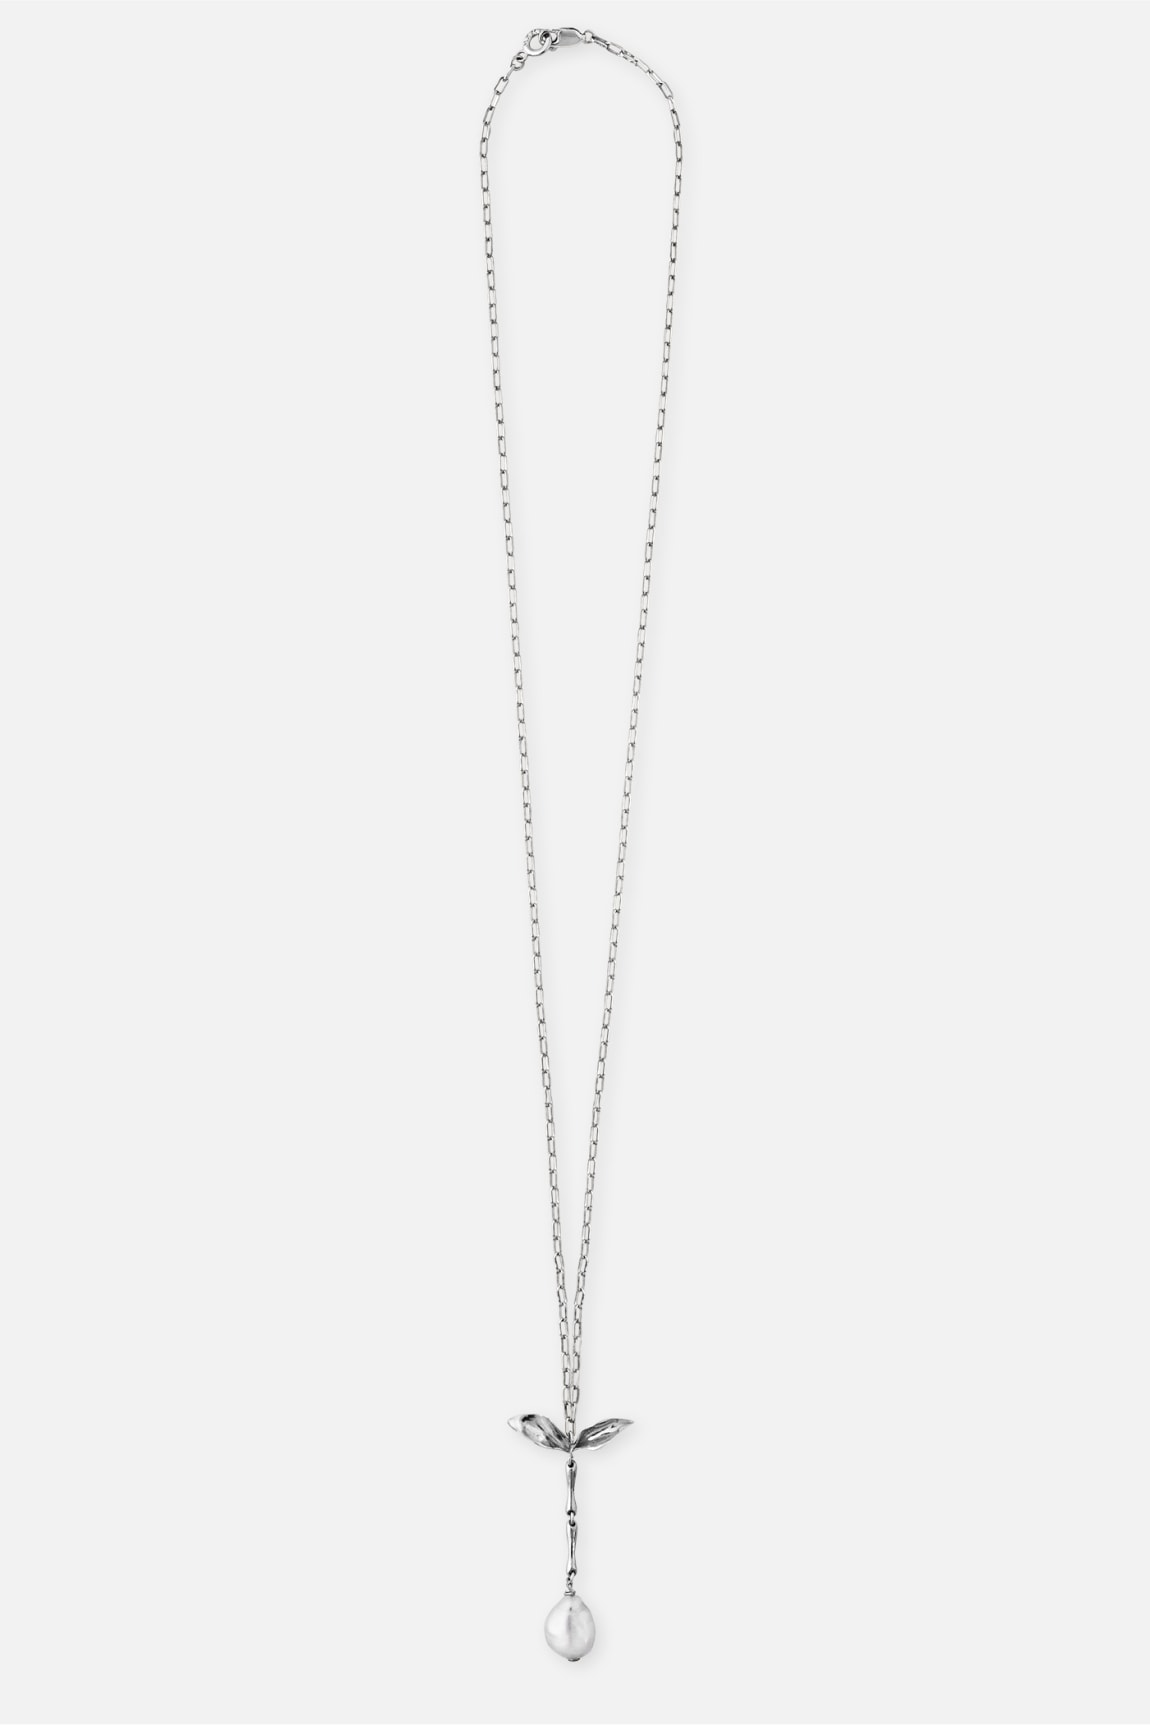 Maximova Jewelry